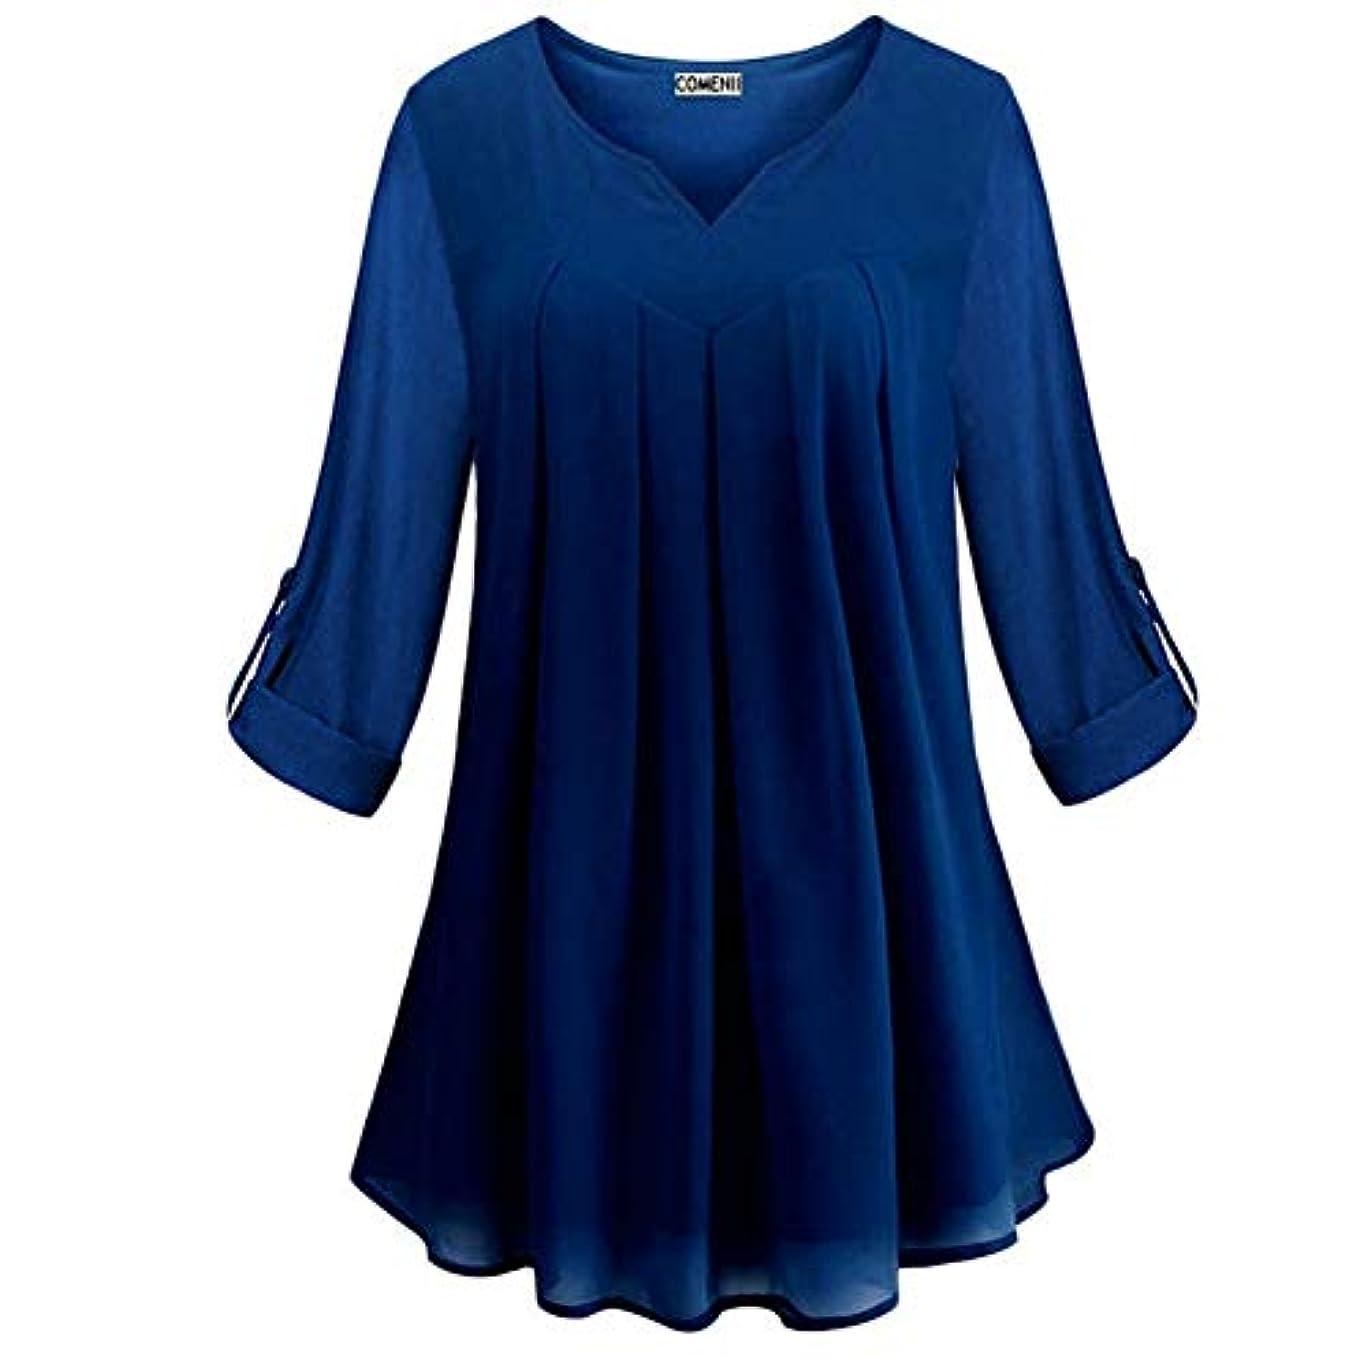 保険をかける廃棄ジョージエリオットMIFAN の女性のドレスカジュアルな不規則なドレスルースサマービーチTシャツドレス